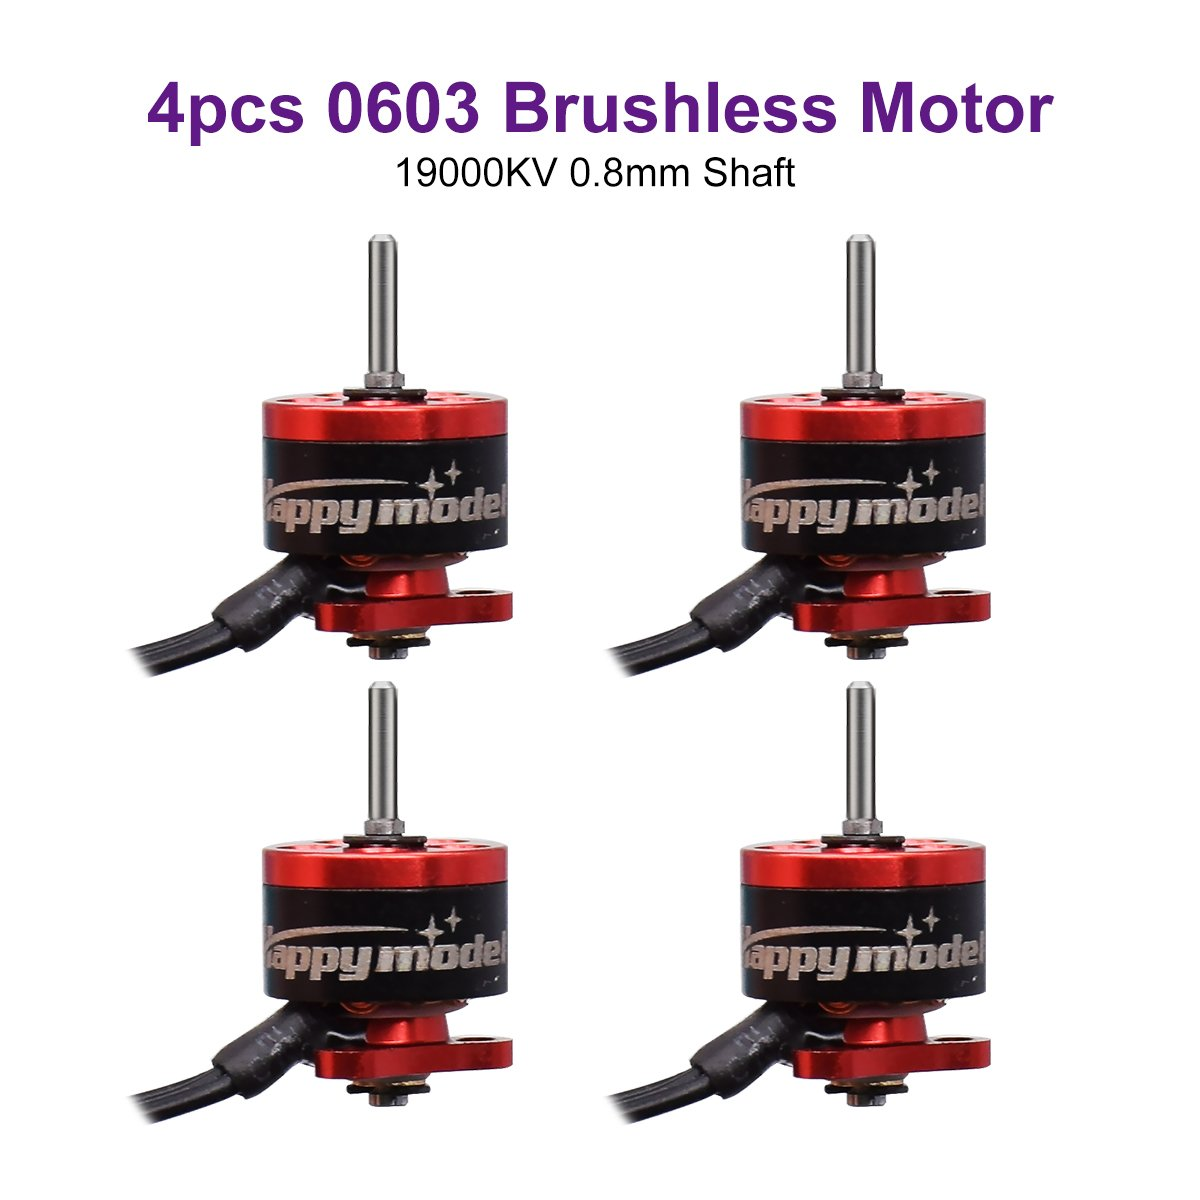 0603ブラシレスモーター4pcs 19000 KVブラシレスモーターfor beta65 Pro Tiny 65 GTマイクロブラシレスWhoop FPV Racing Drone 00313192 B07CTLXSF6 0.8mm Shaft motor 0.8mm Shaft motor